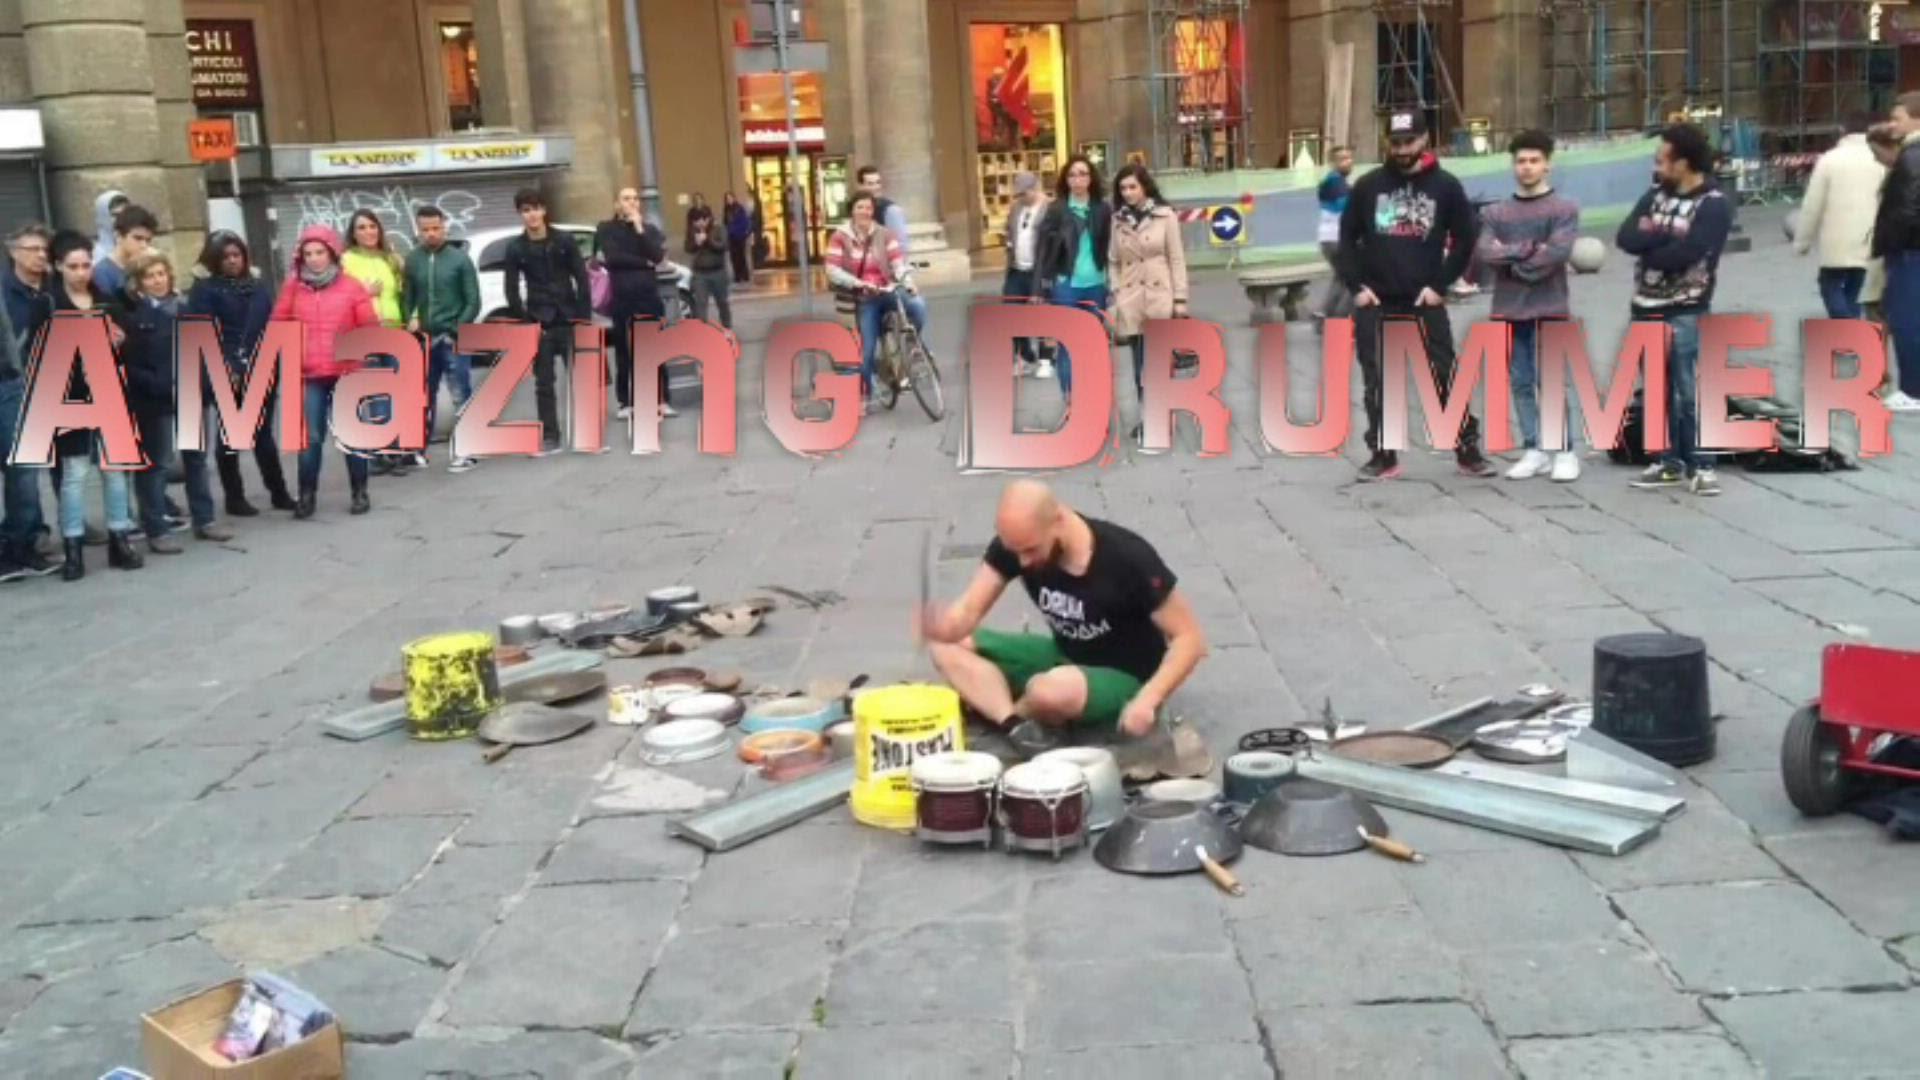 鍋やバケツ、フライパン等で演奏する凄腕ドラマー